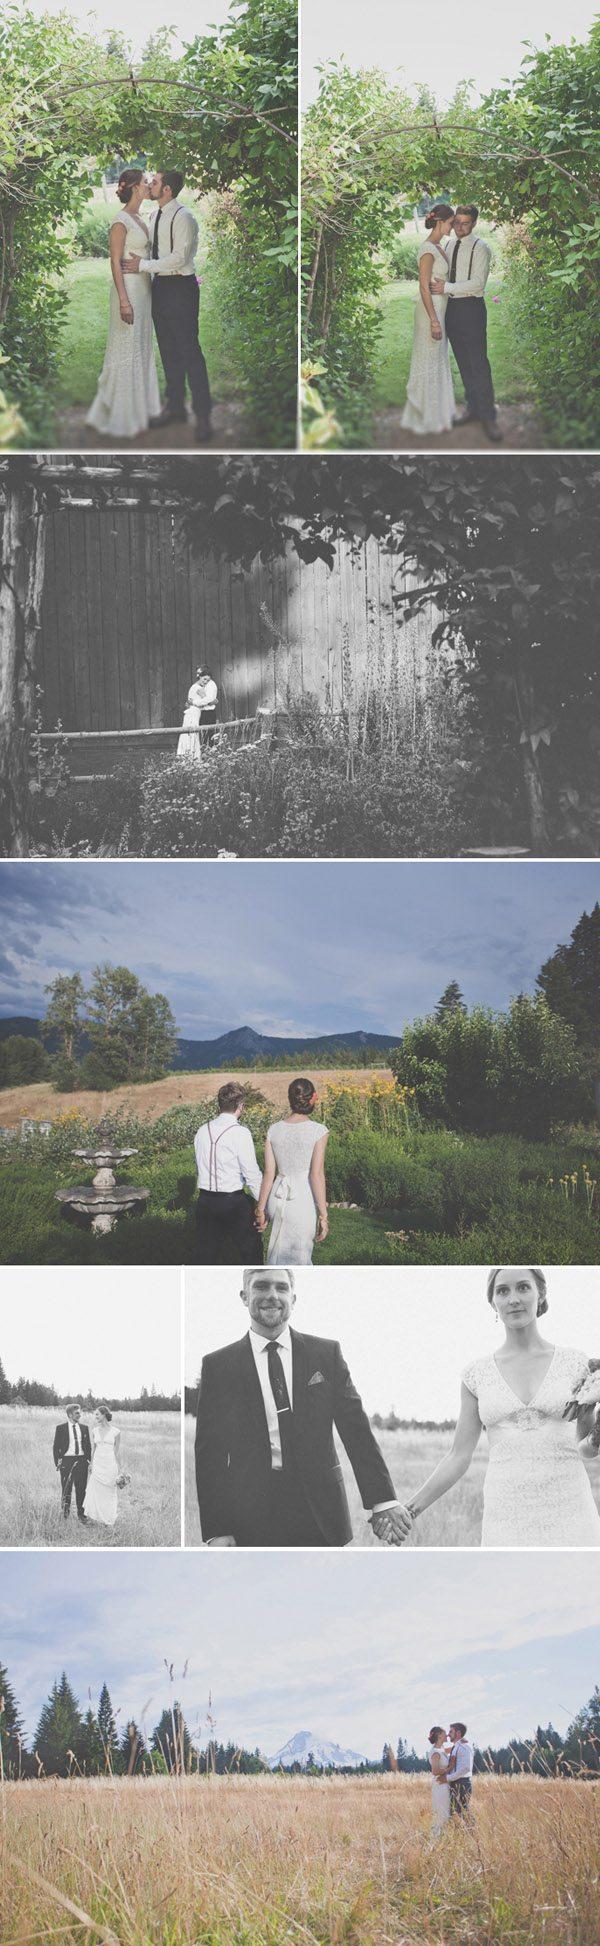 Zarah & David: boda en las montañas boda_montaña_9_600x1946